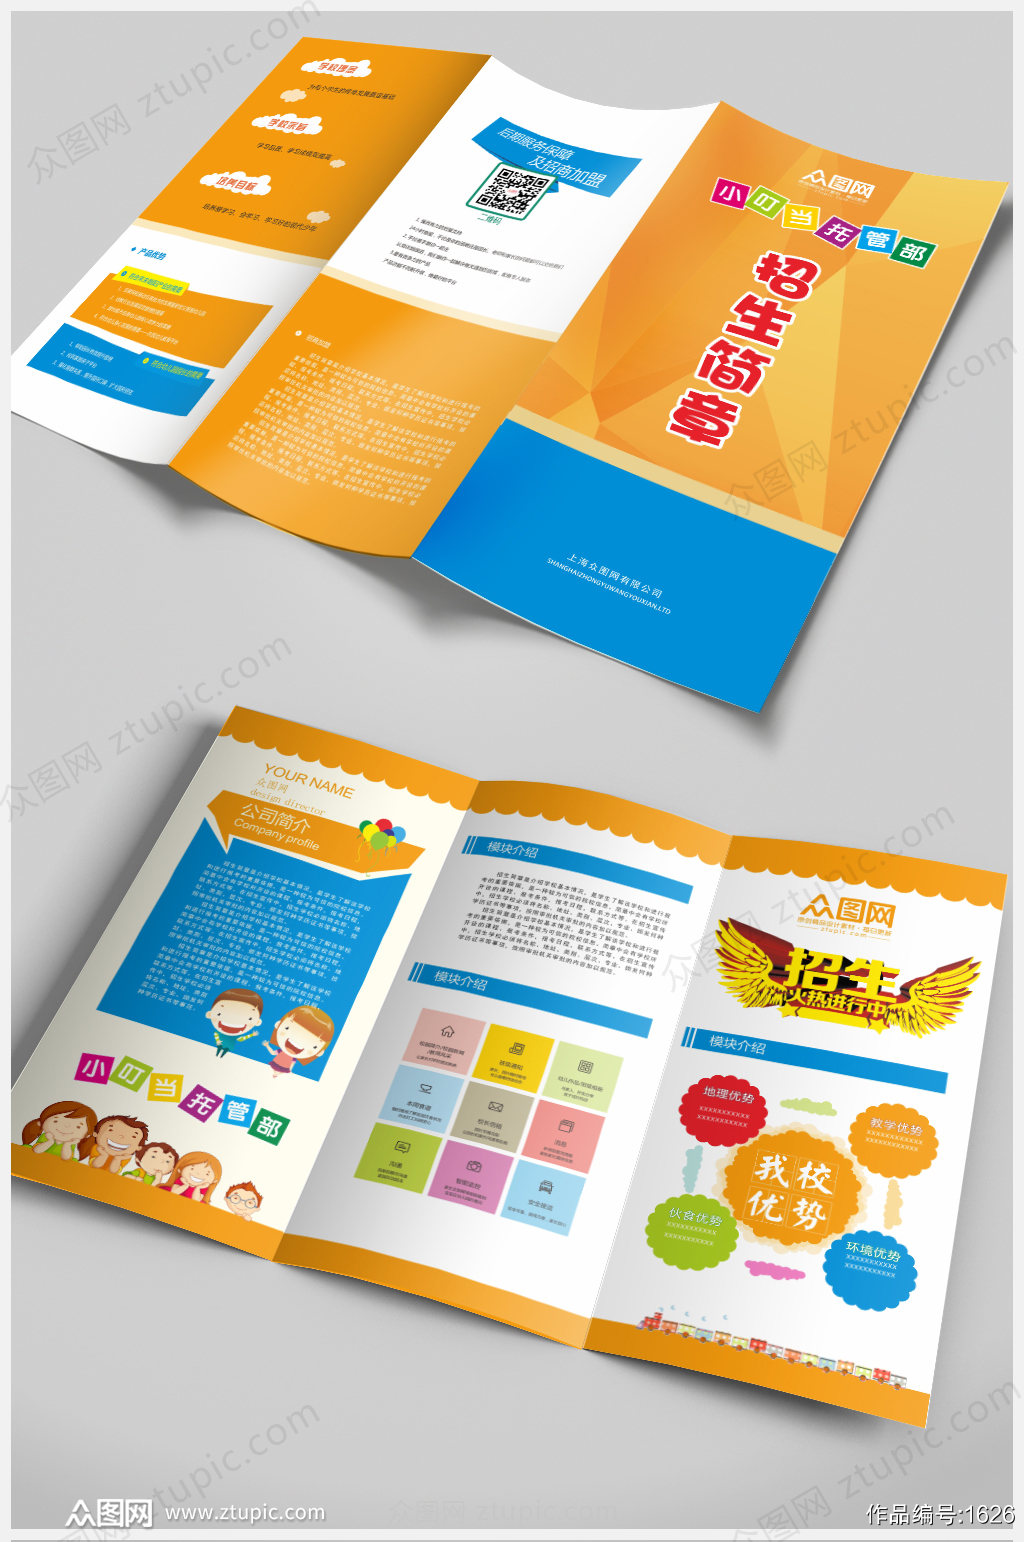 学校教育培训班宣传单三折页设计模板素材